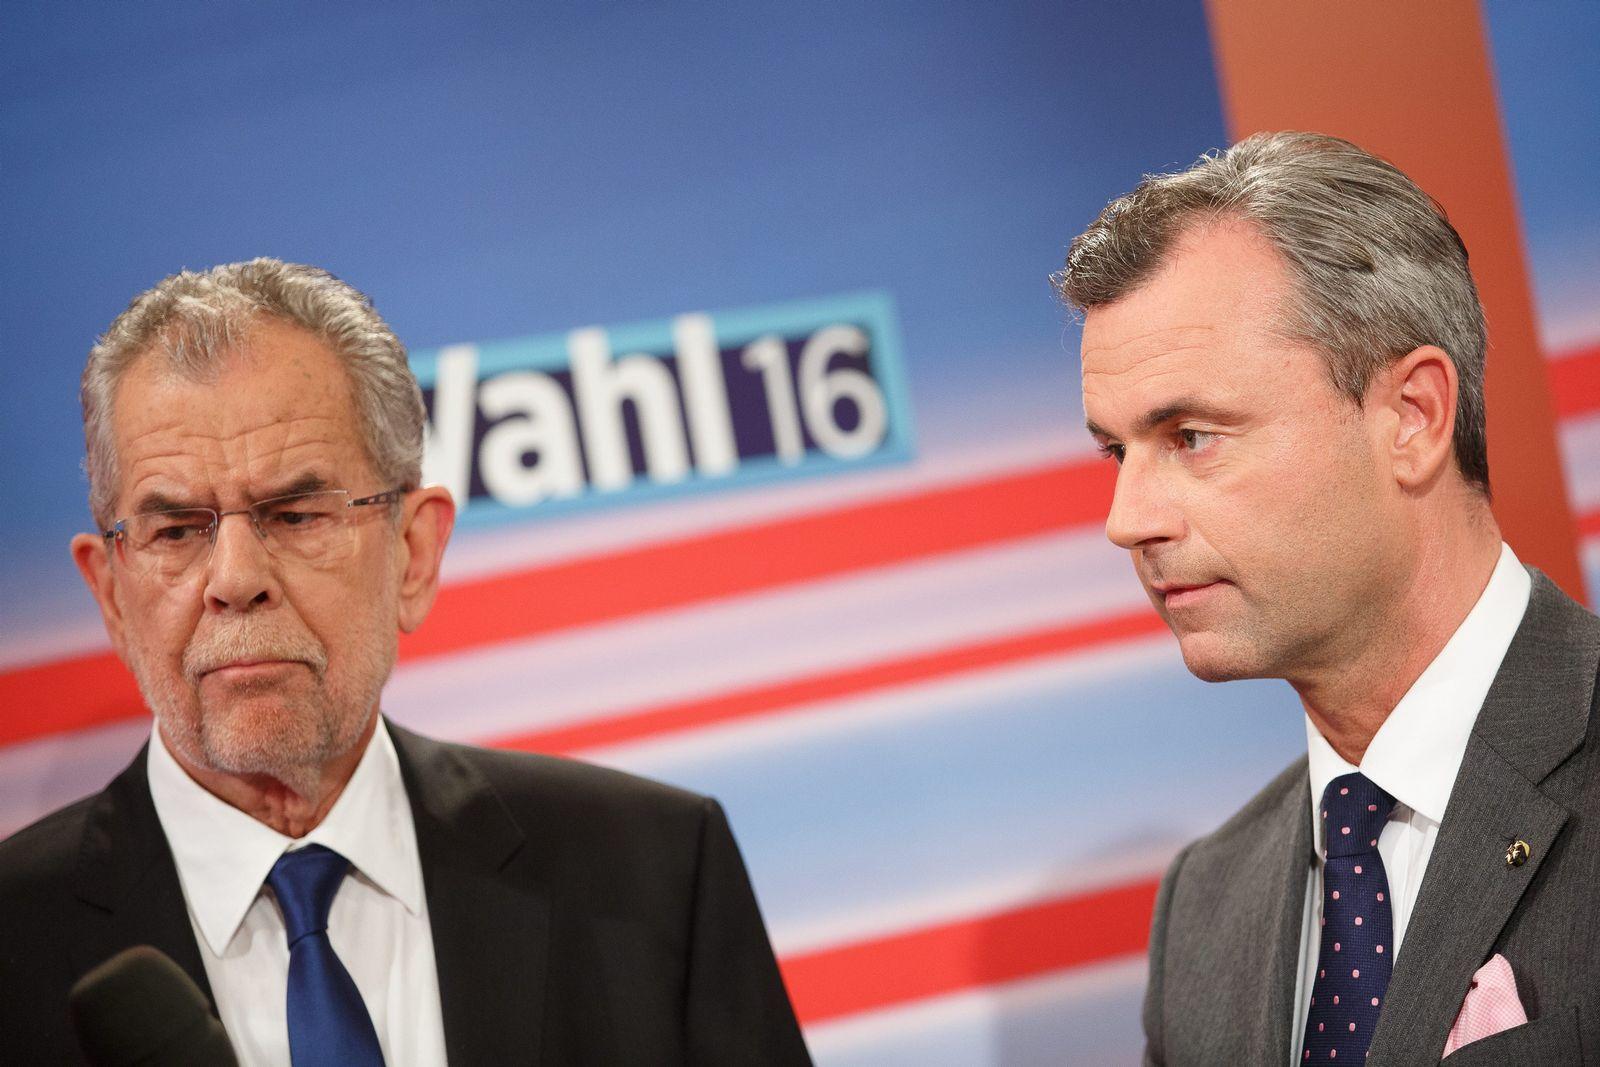 Alexander Van der Bellen & Norbert Hofer